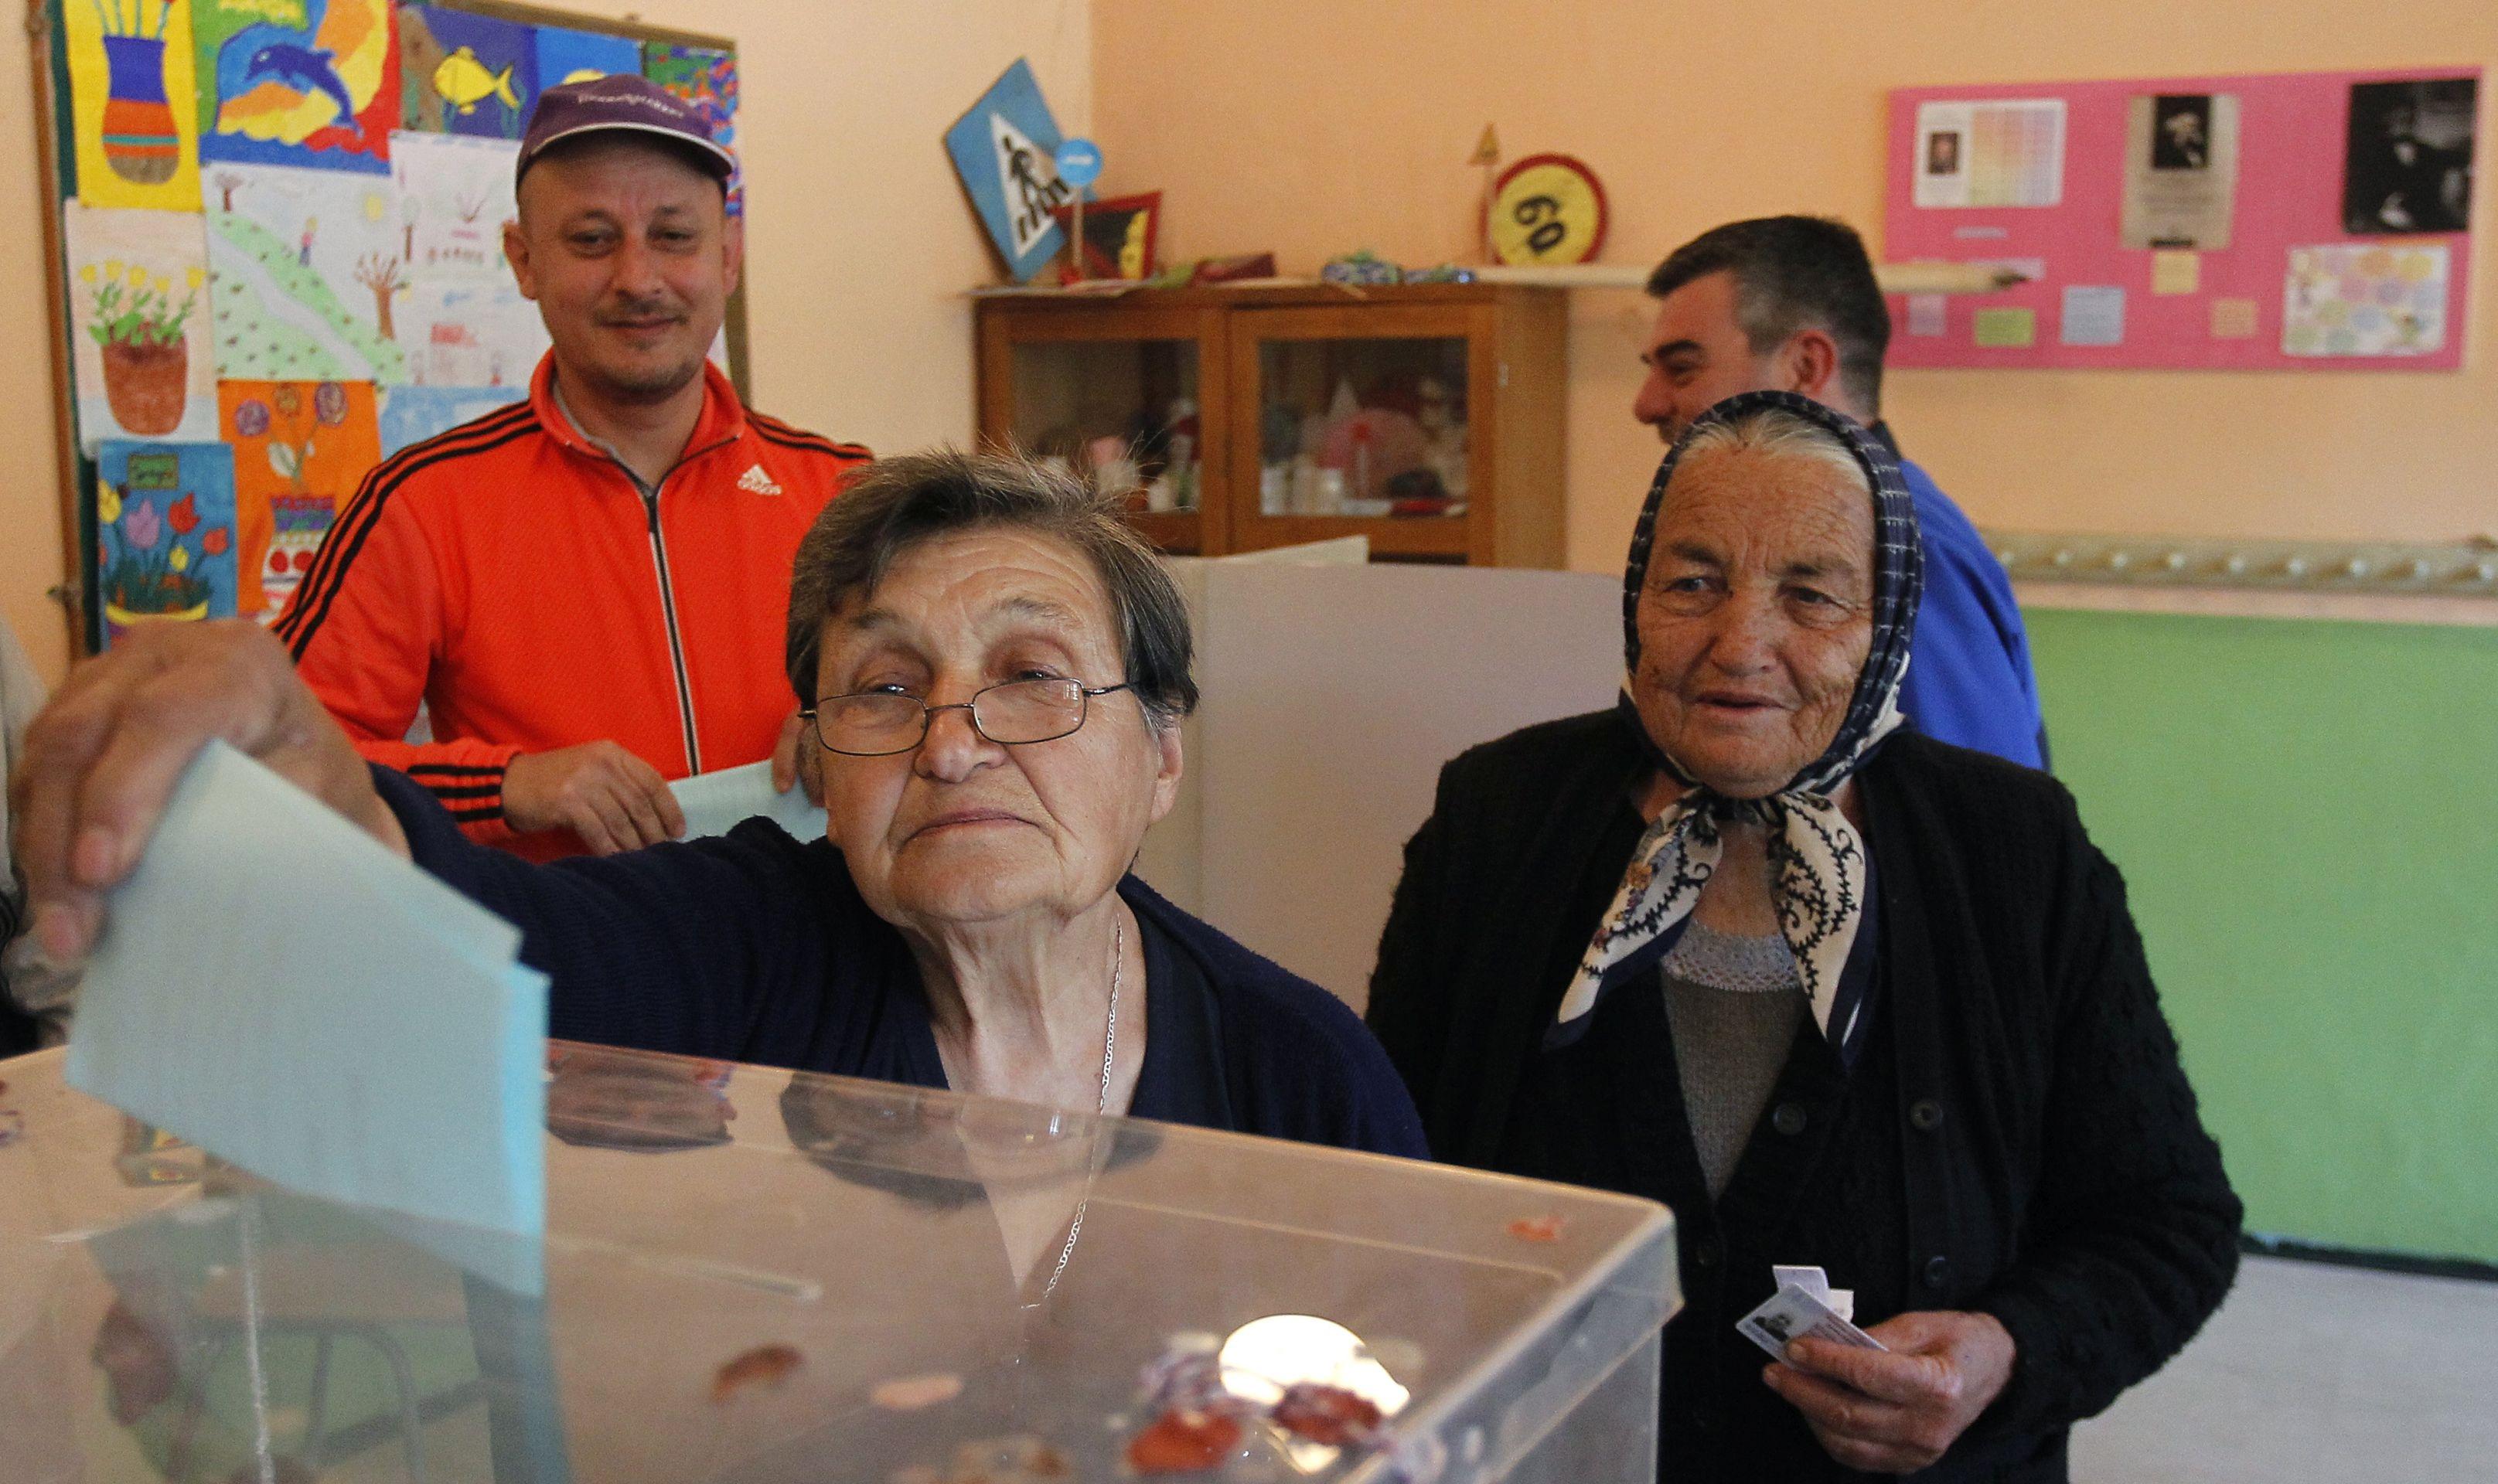 SRBIJA Na predsjedničkim izborima manja izlaznost nego na parlamentarnim